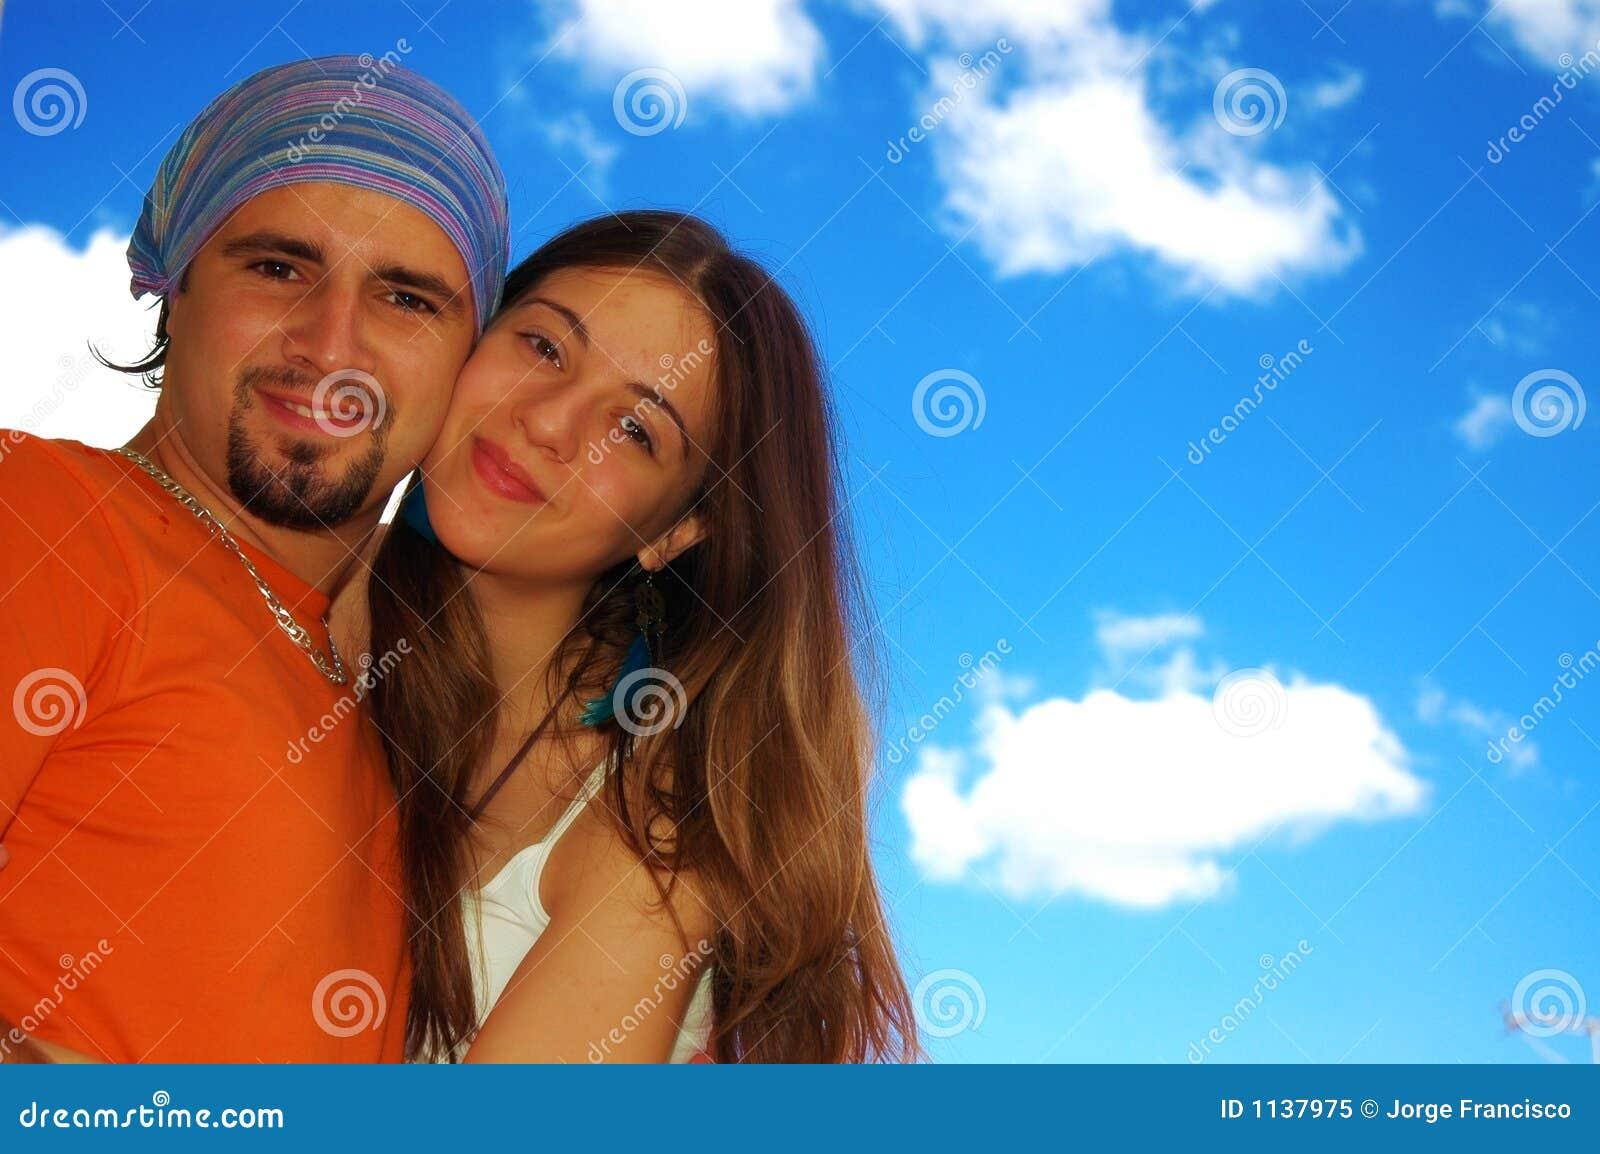 Happy couple outdoors.